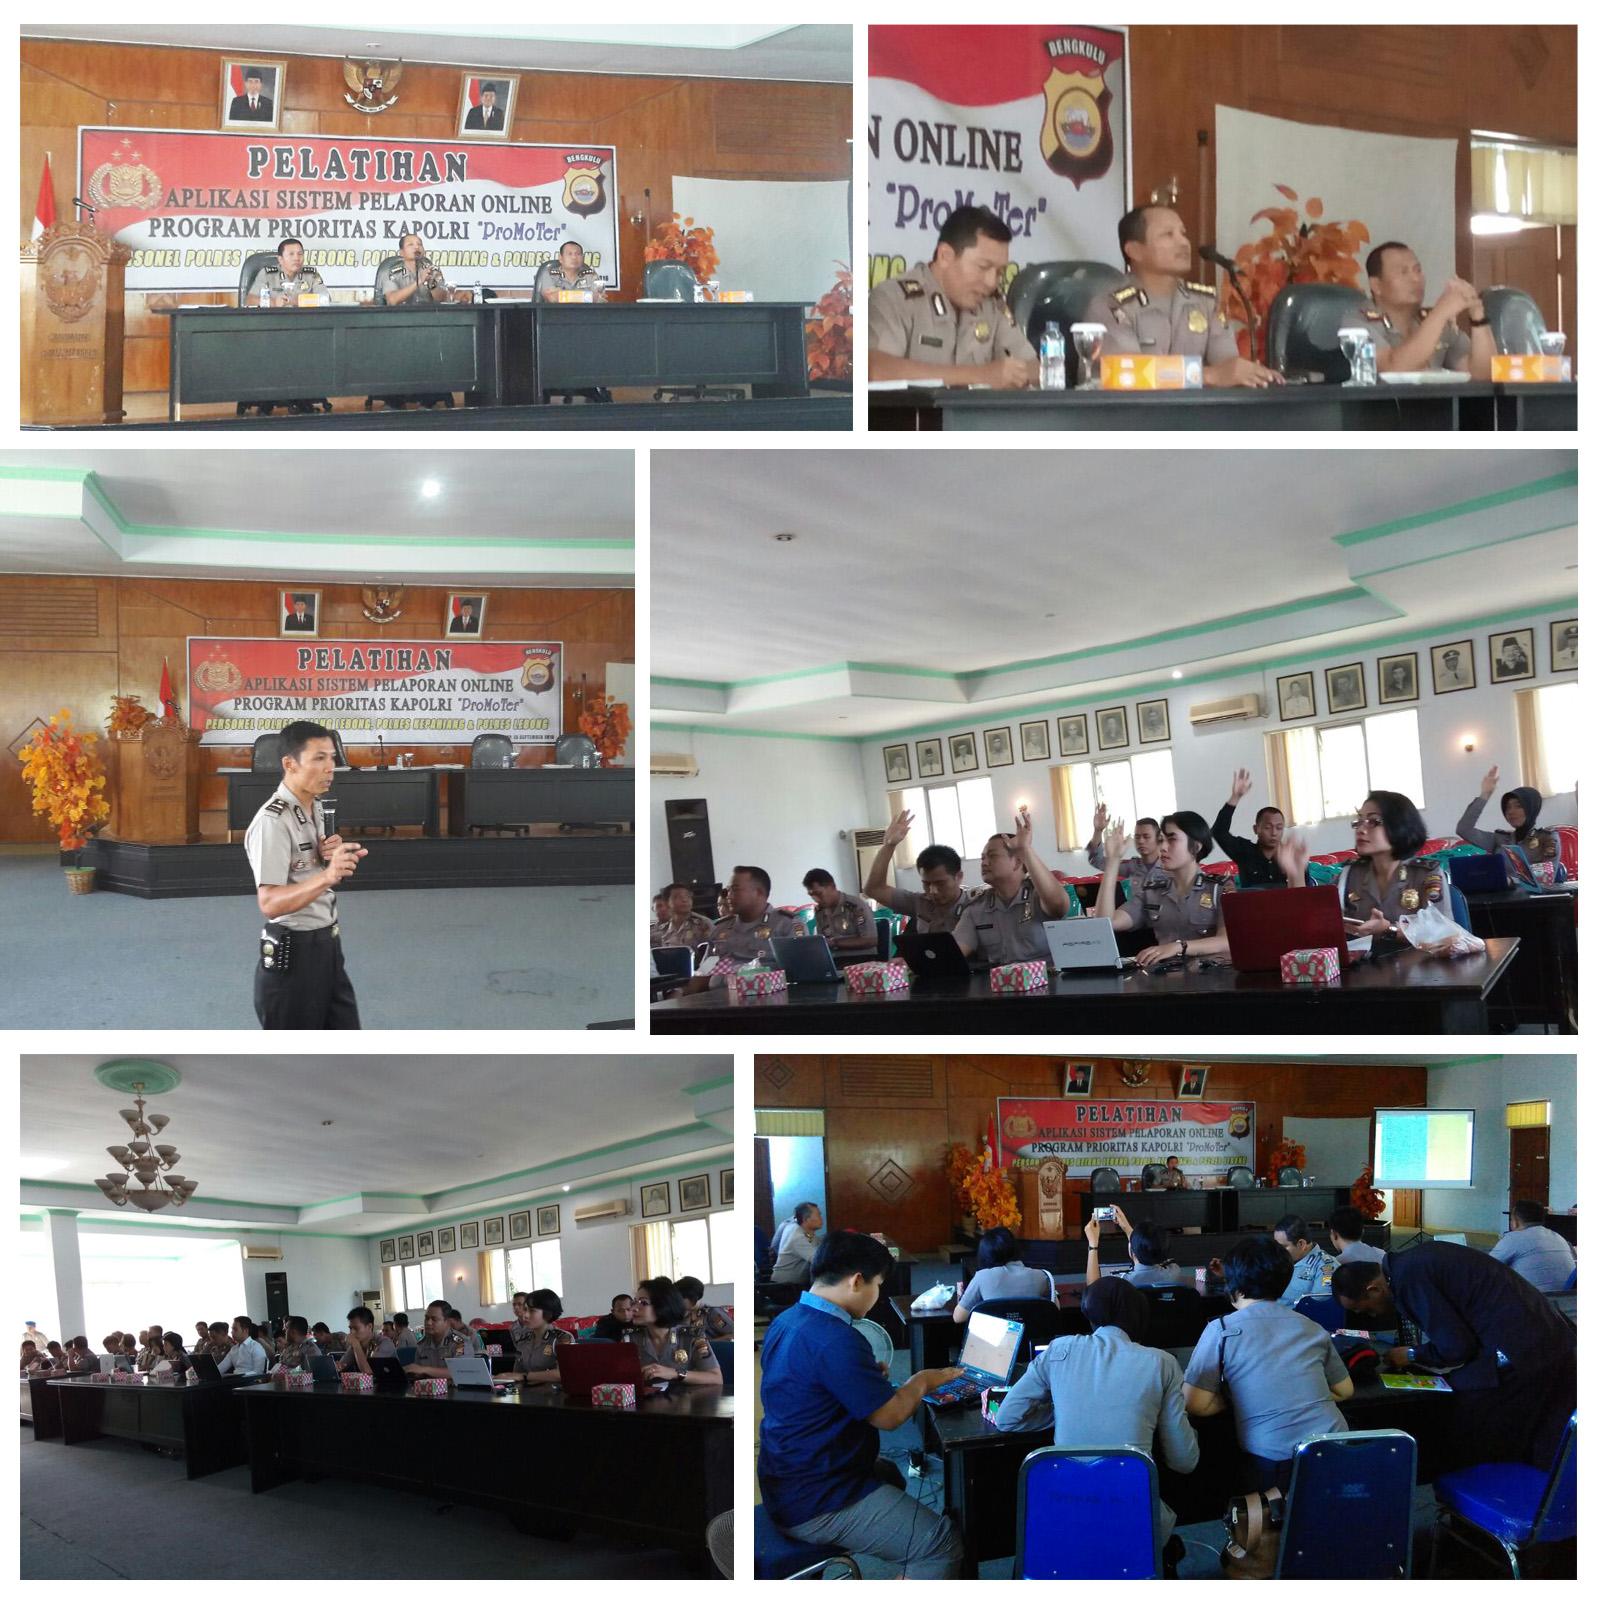 Personel Polres Kepahiang Ikuti Pelatihan Entry Data Program Prioritas Kapolri 'Promoter'